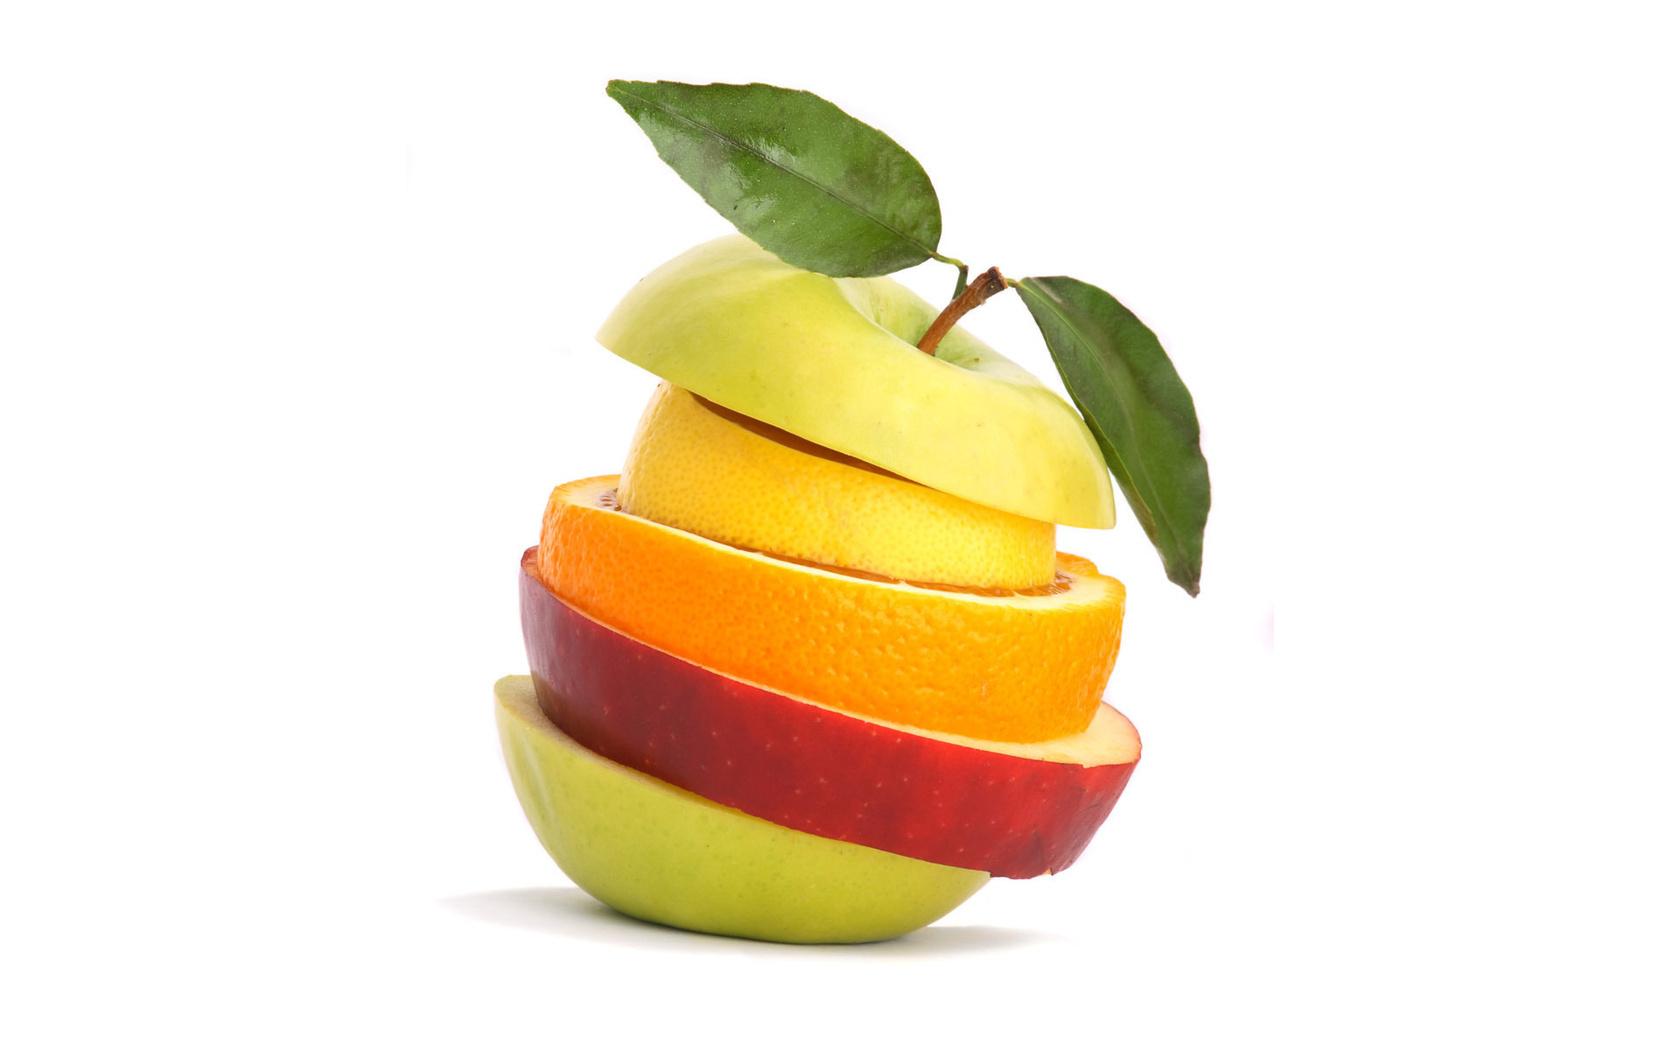 免費壁紙22880:水果, 食物 下載手機圖片